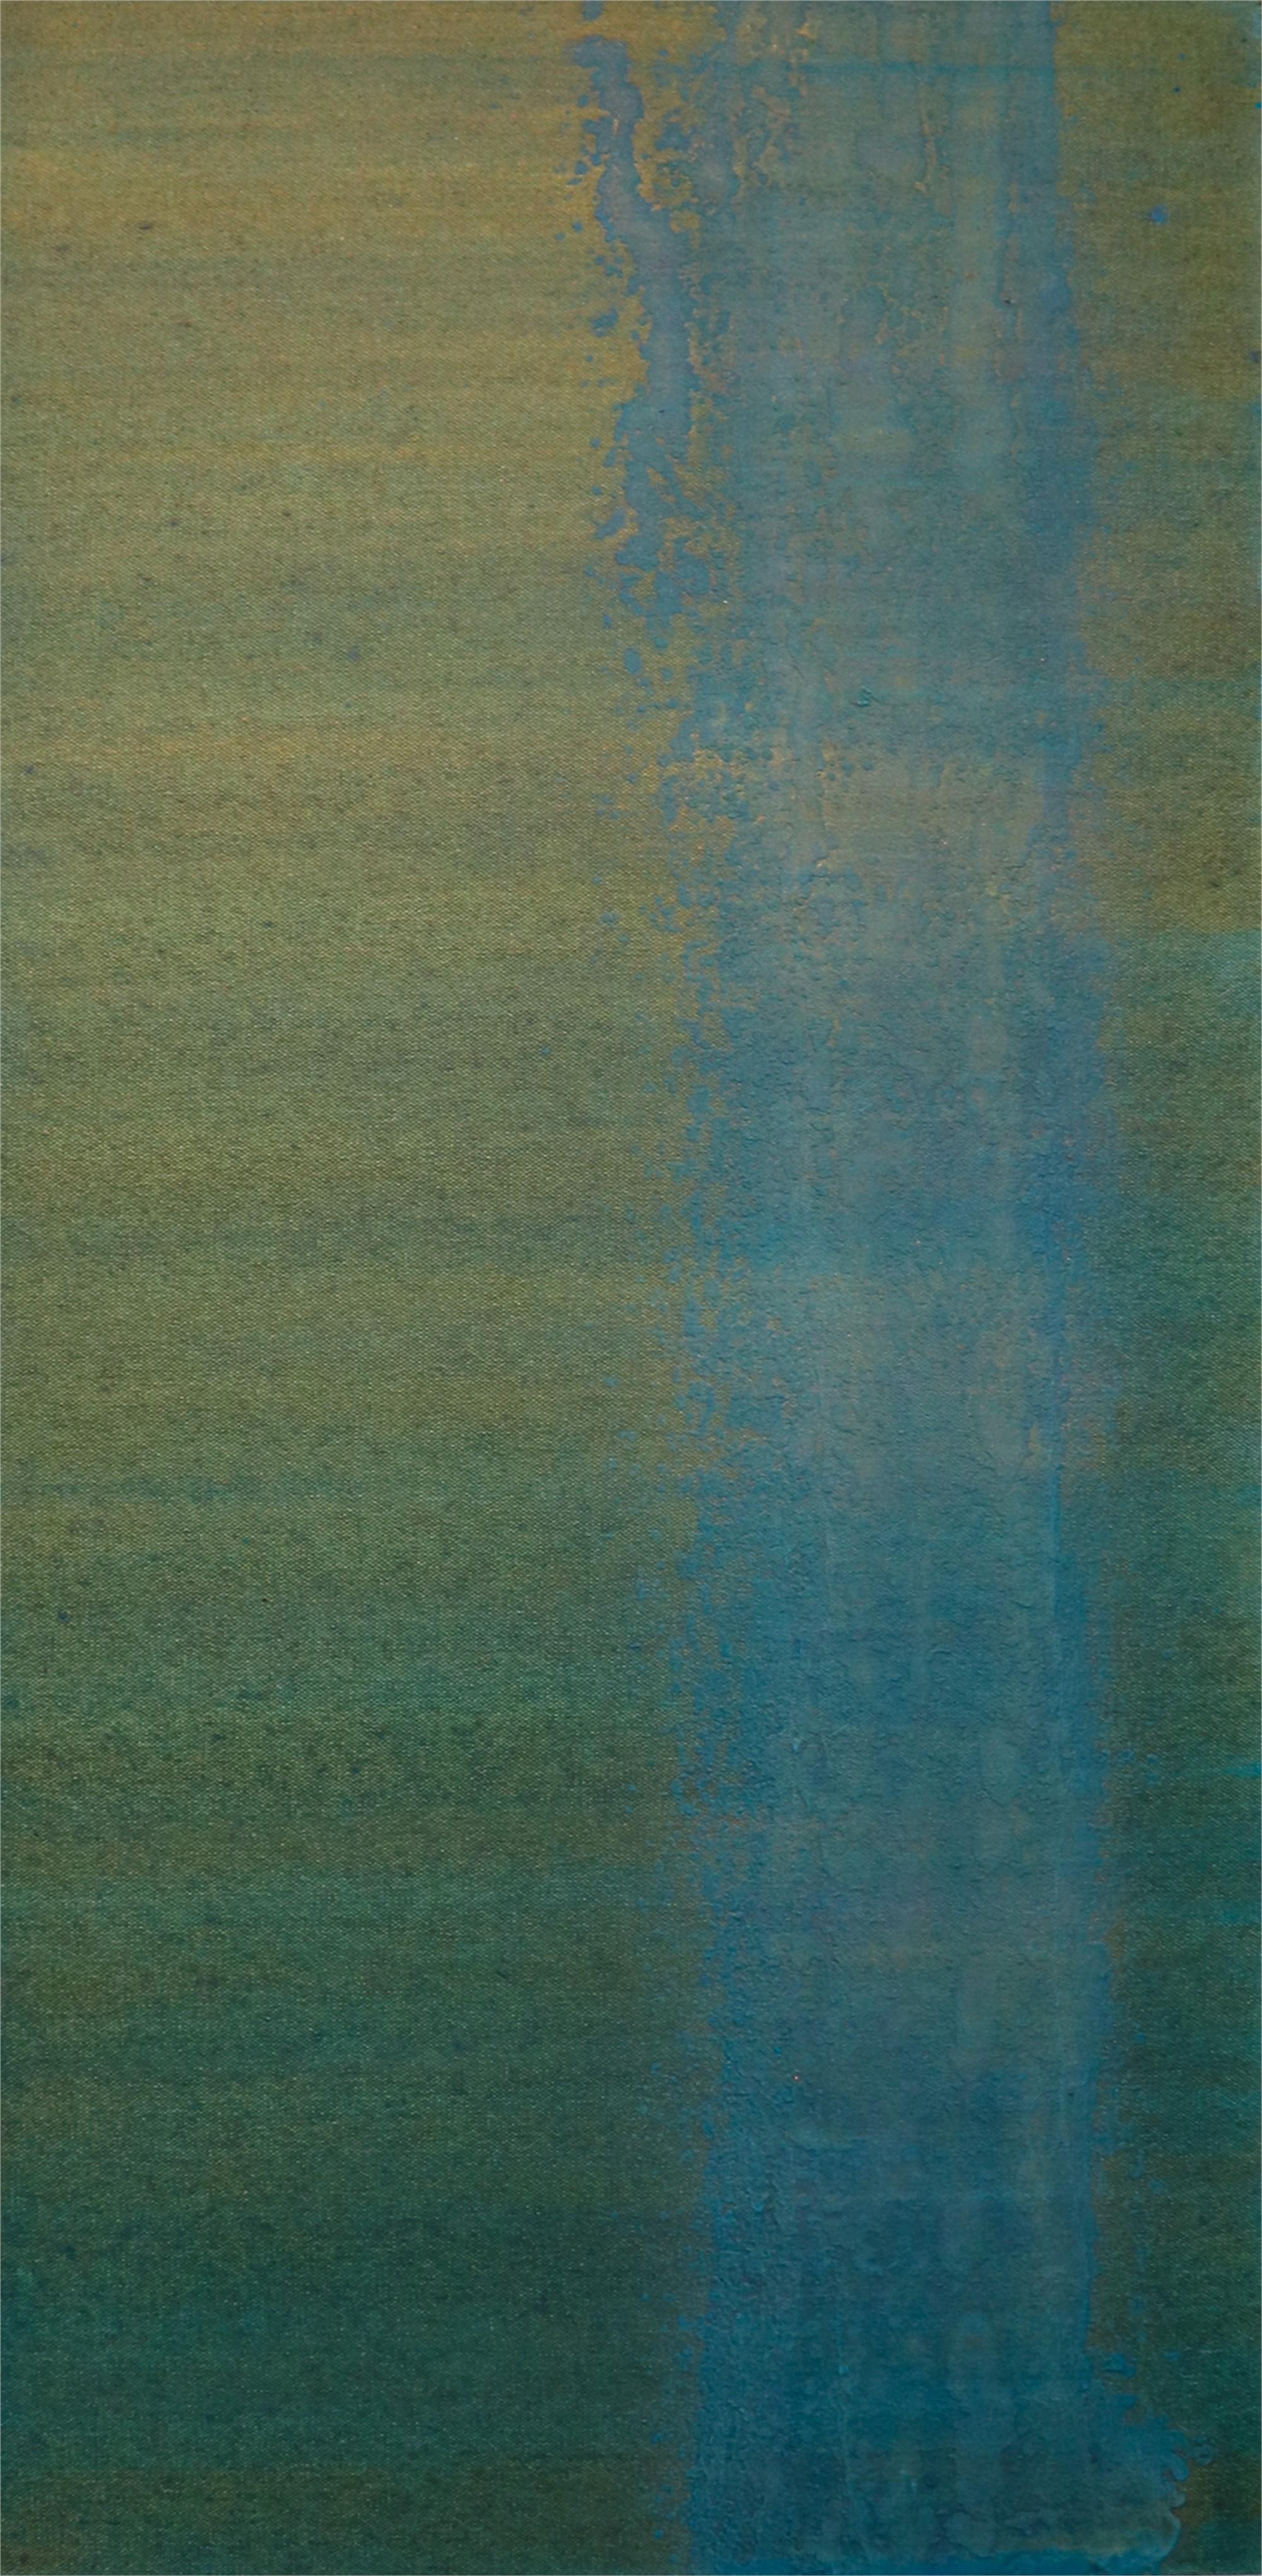 Echo Blue by Steven Anton Rehage